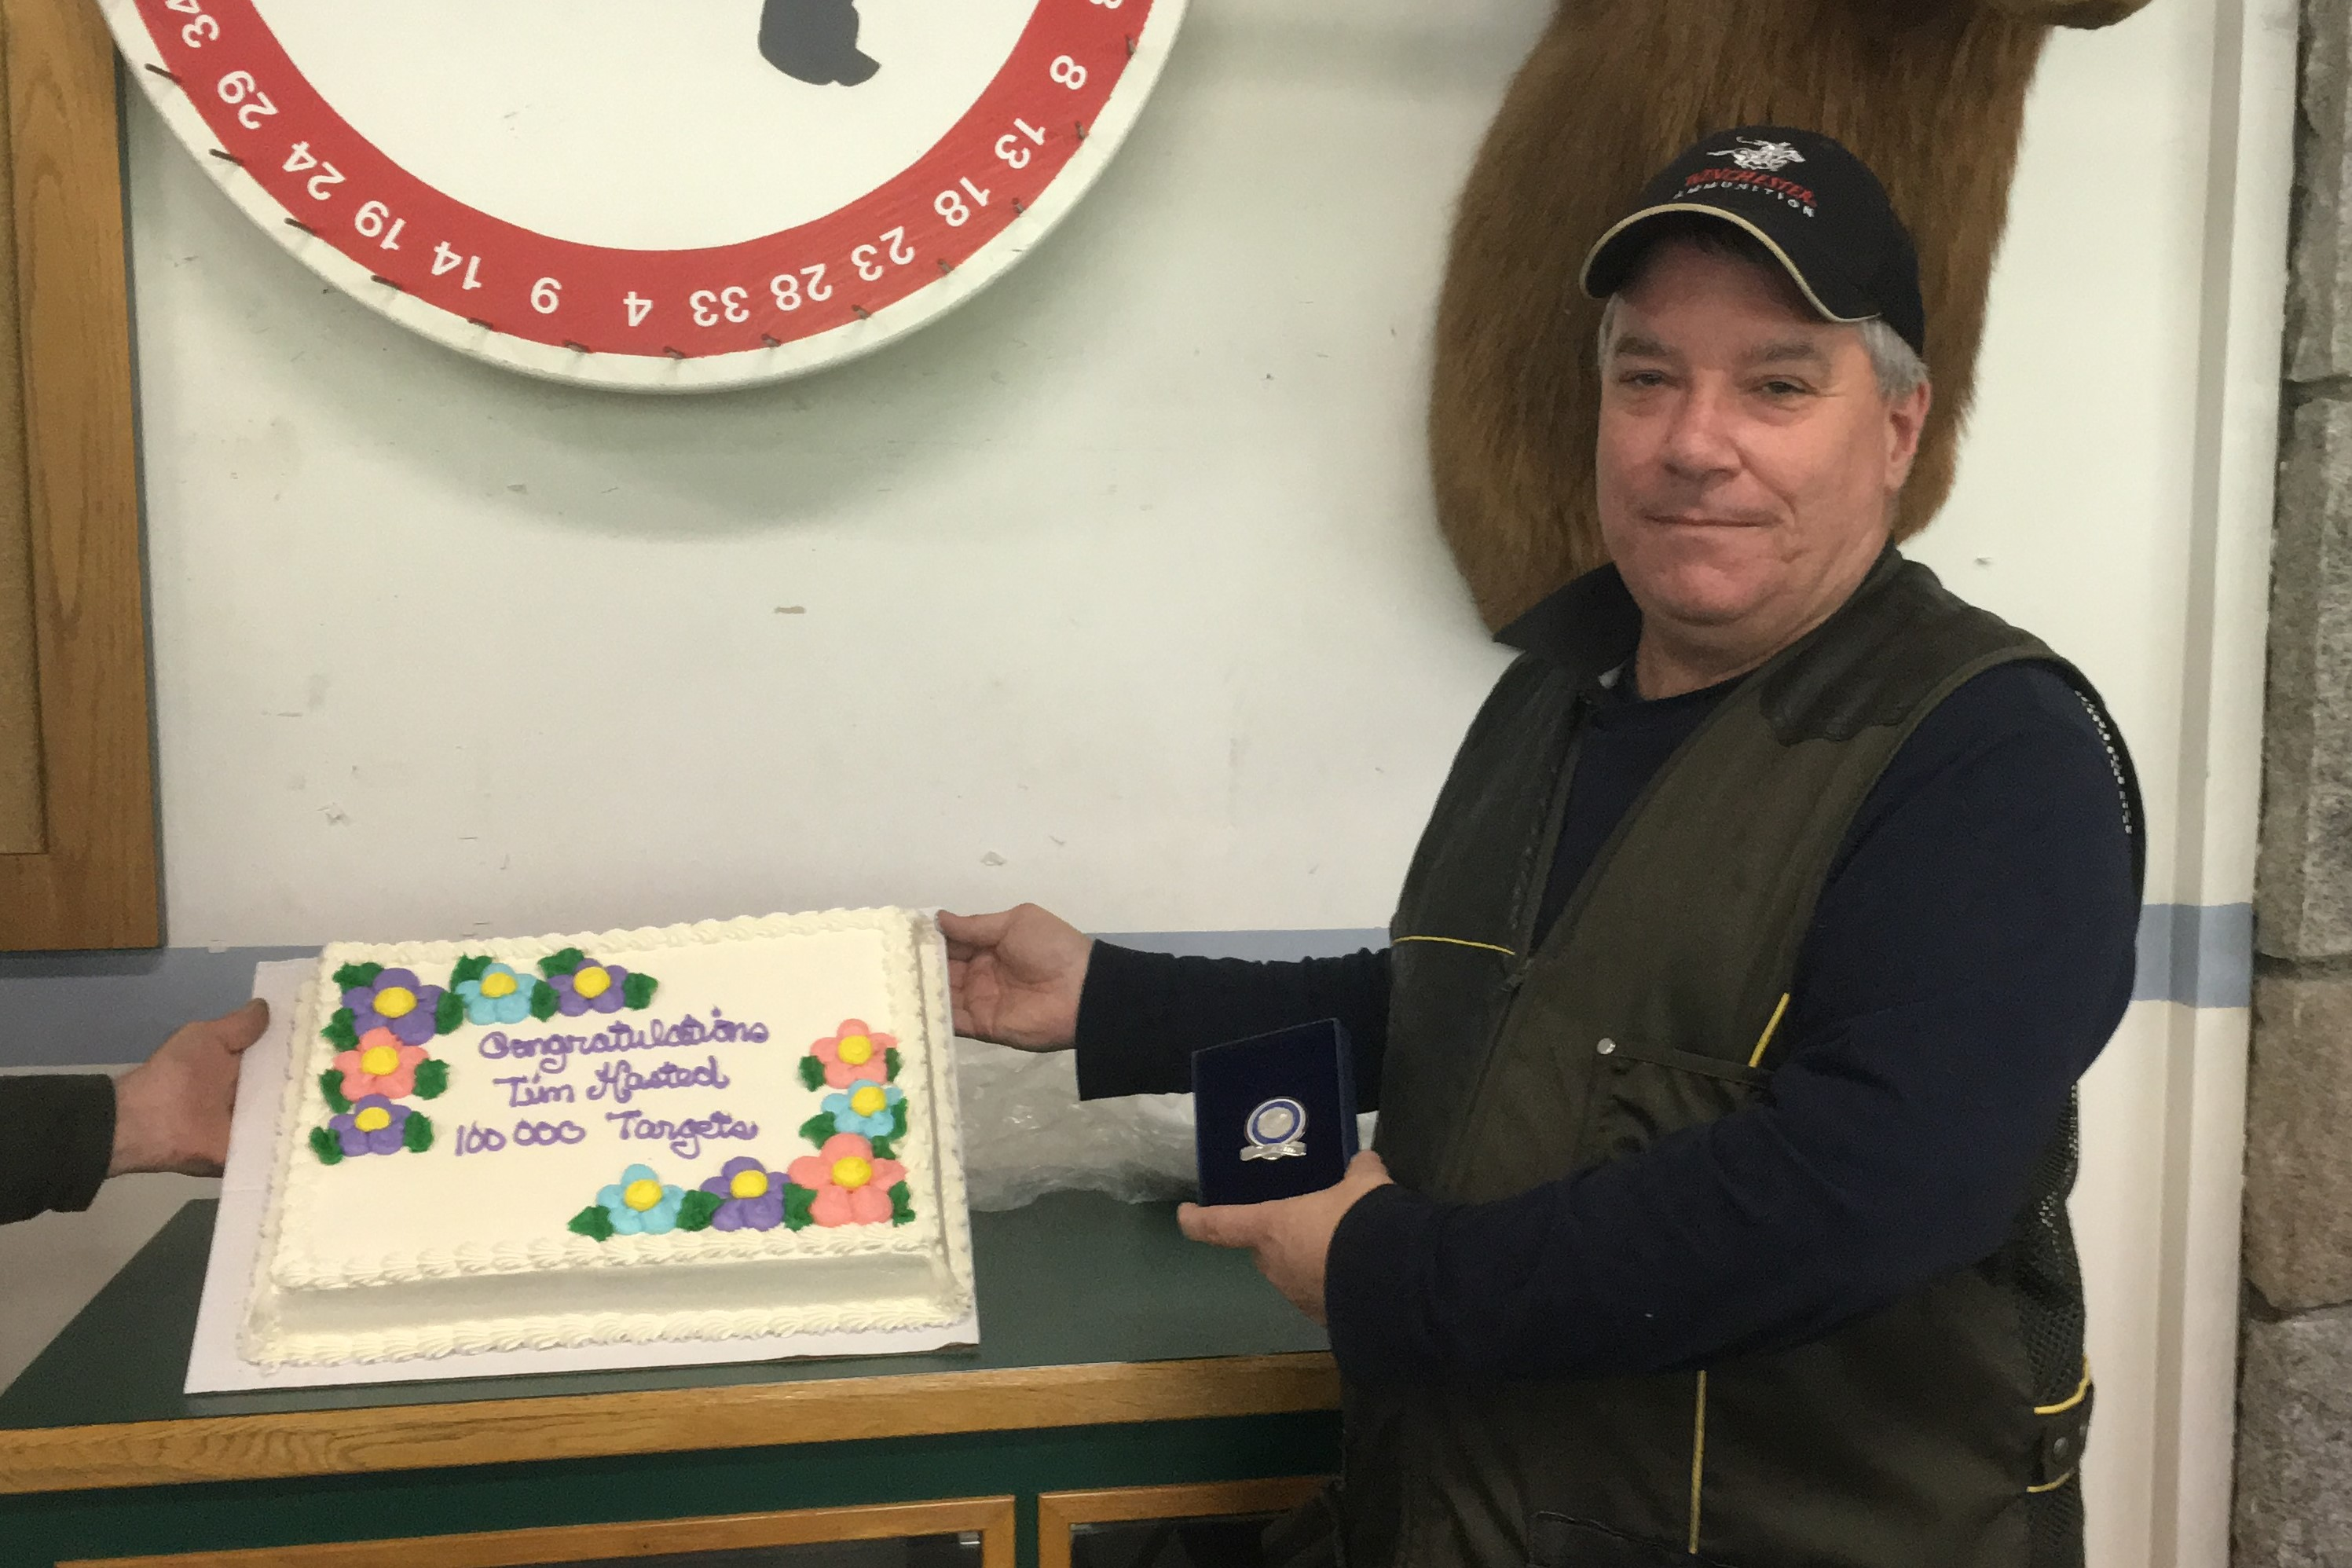 Tim Hasted received his 100,000 pin at SVIR